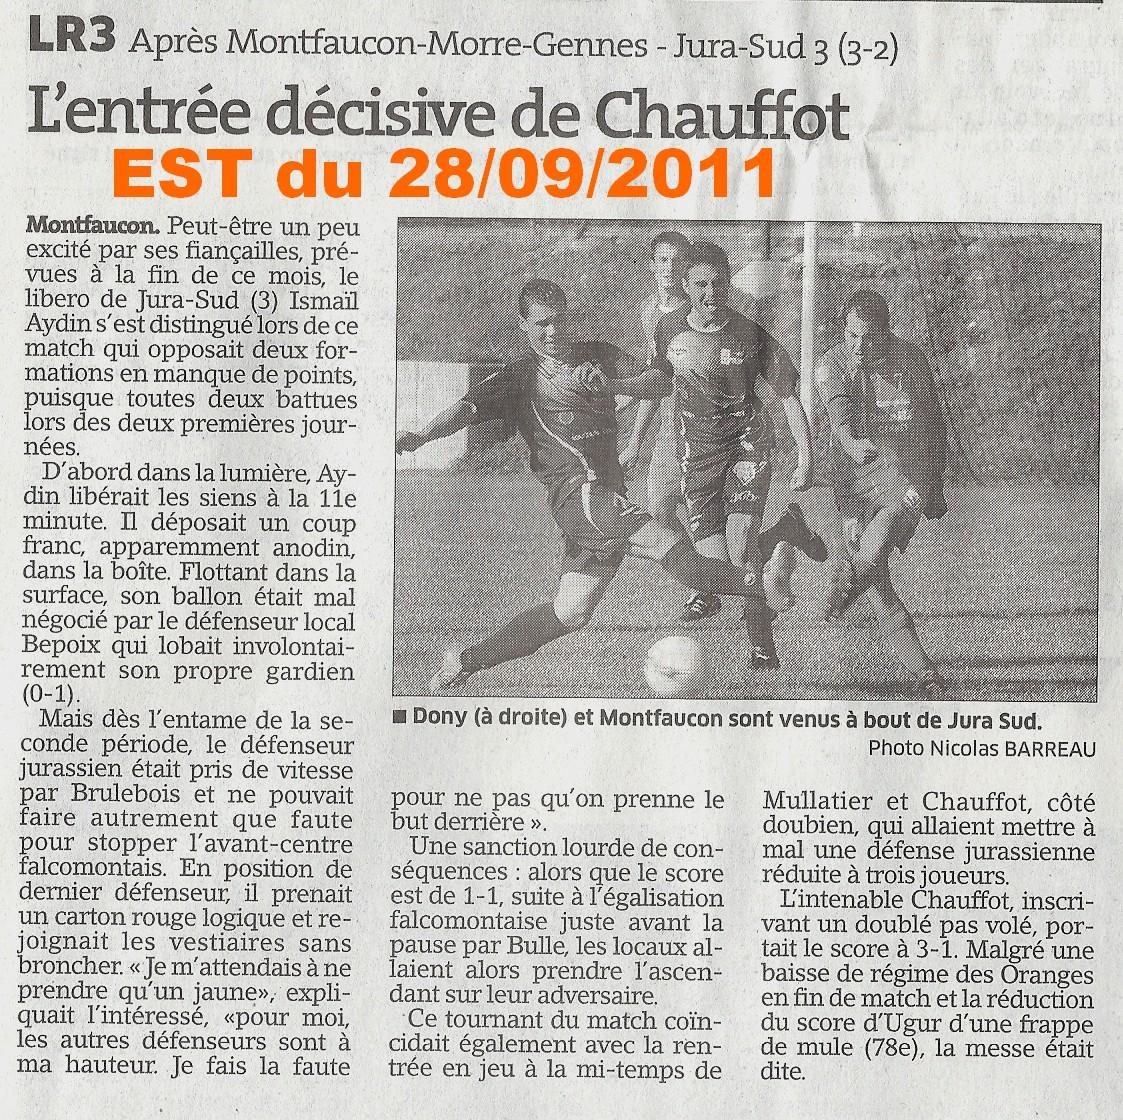 EST du 28/09/2011